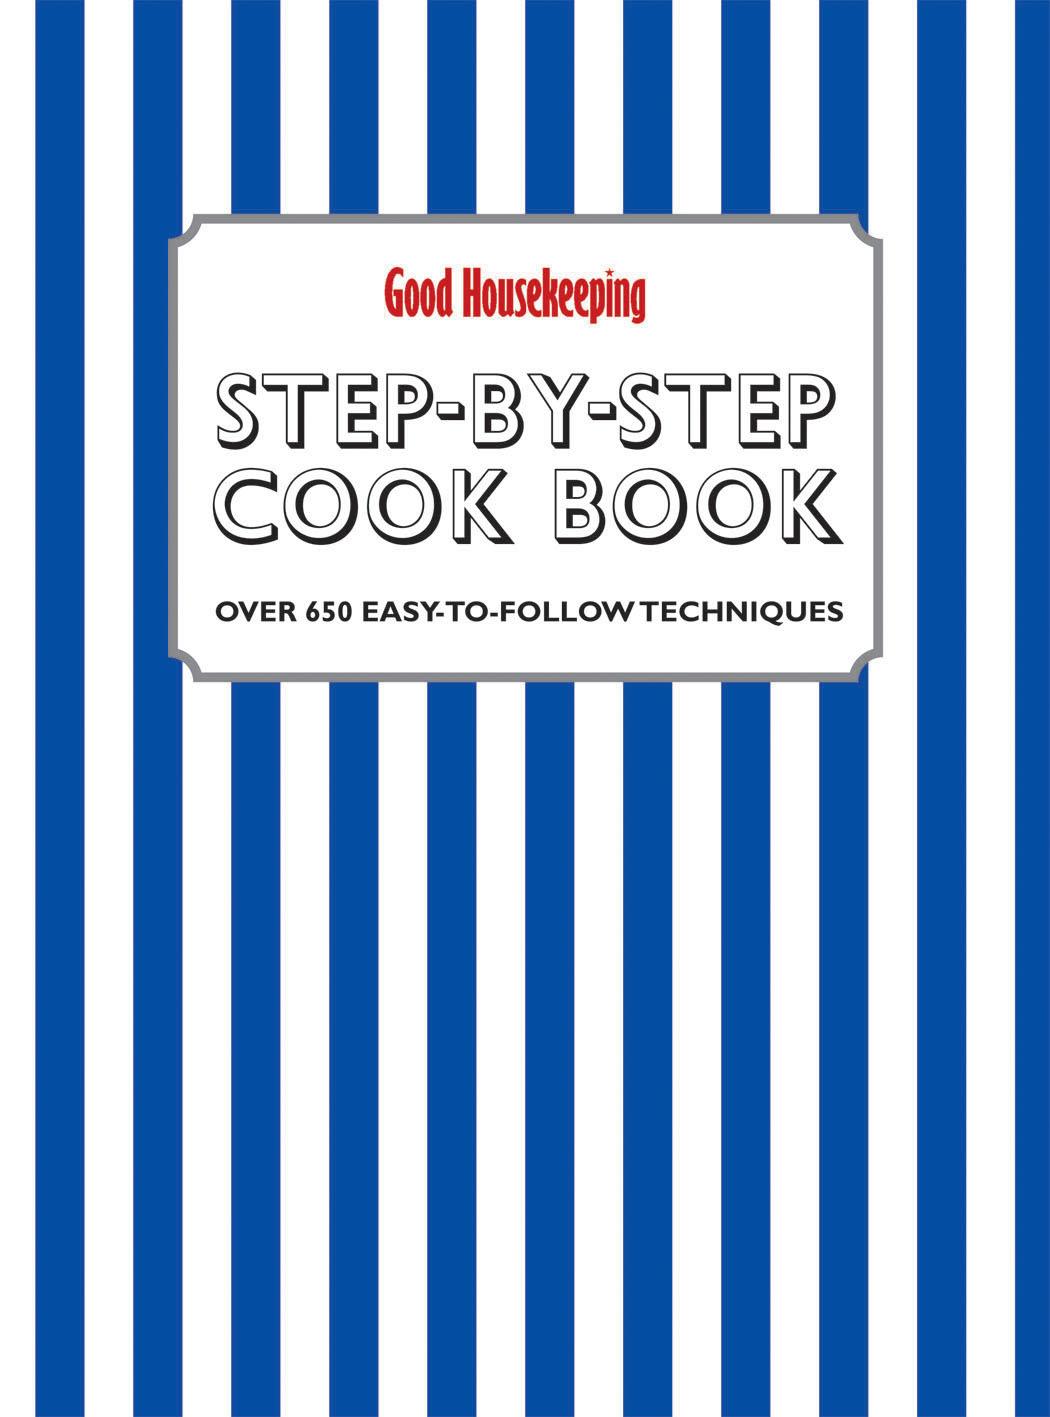 Good Housekeeping Step-by-Step Cookbook